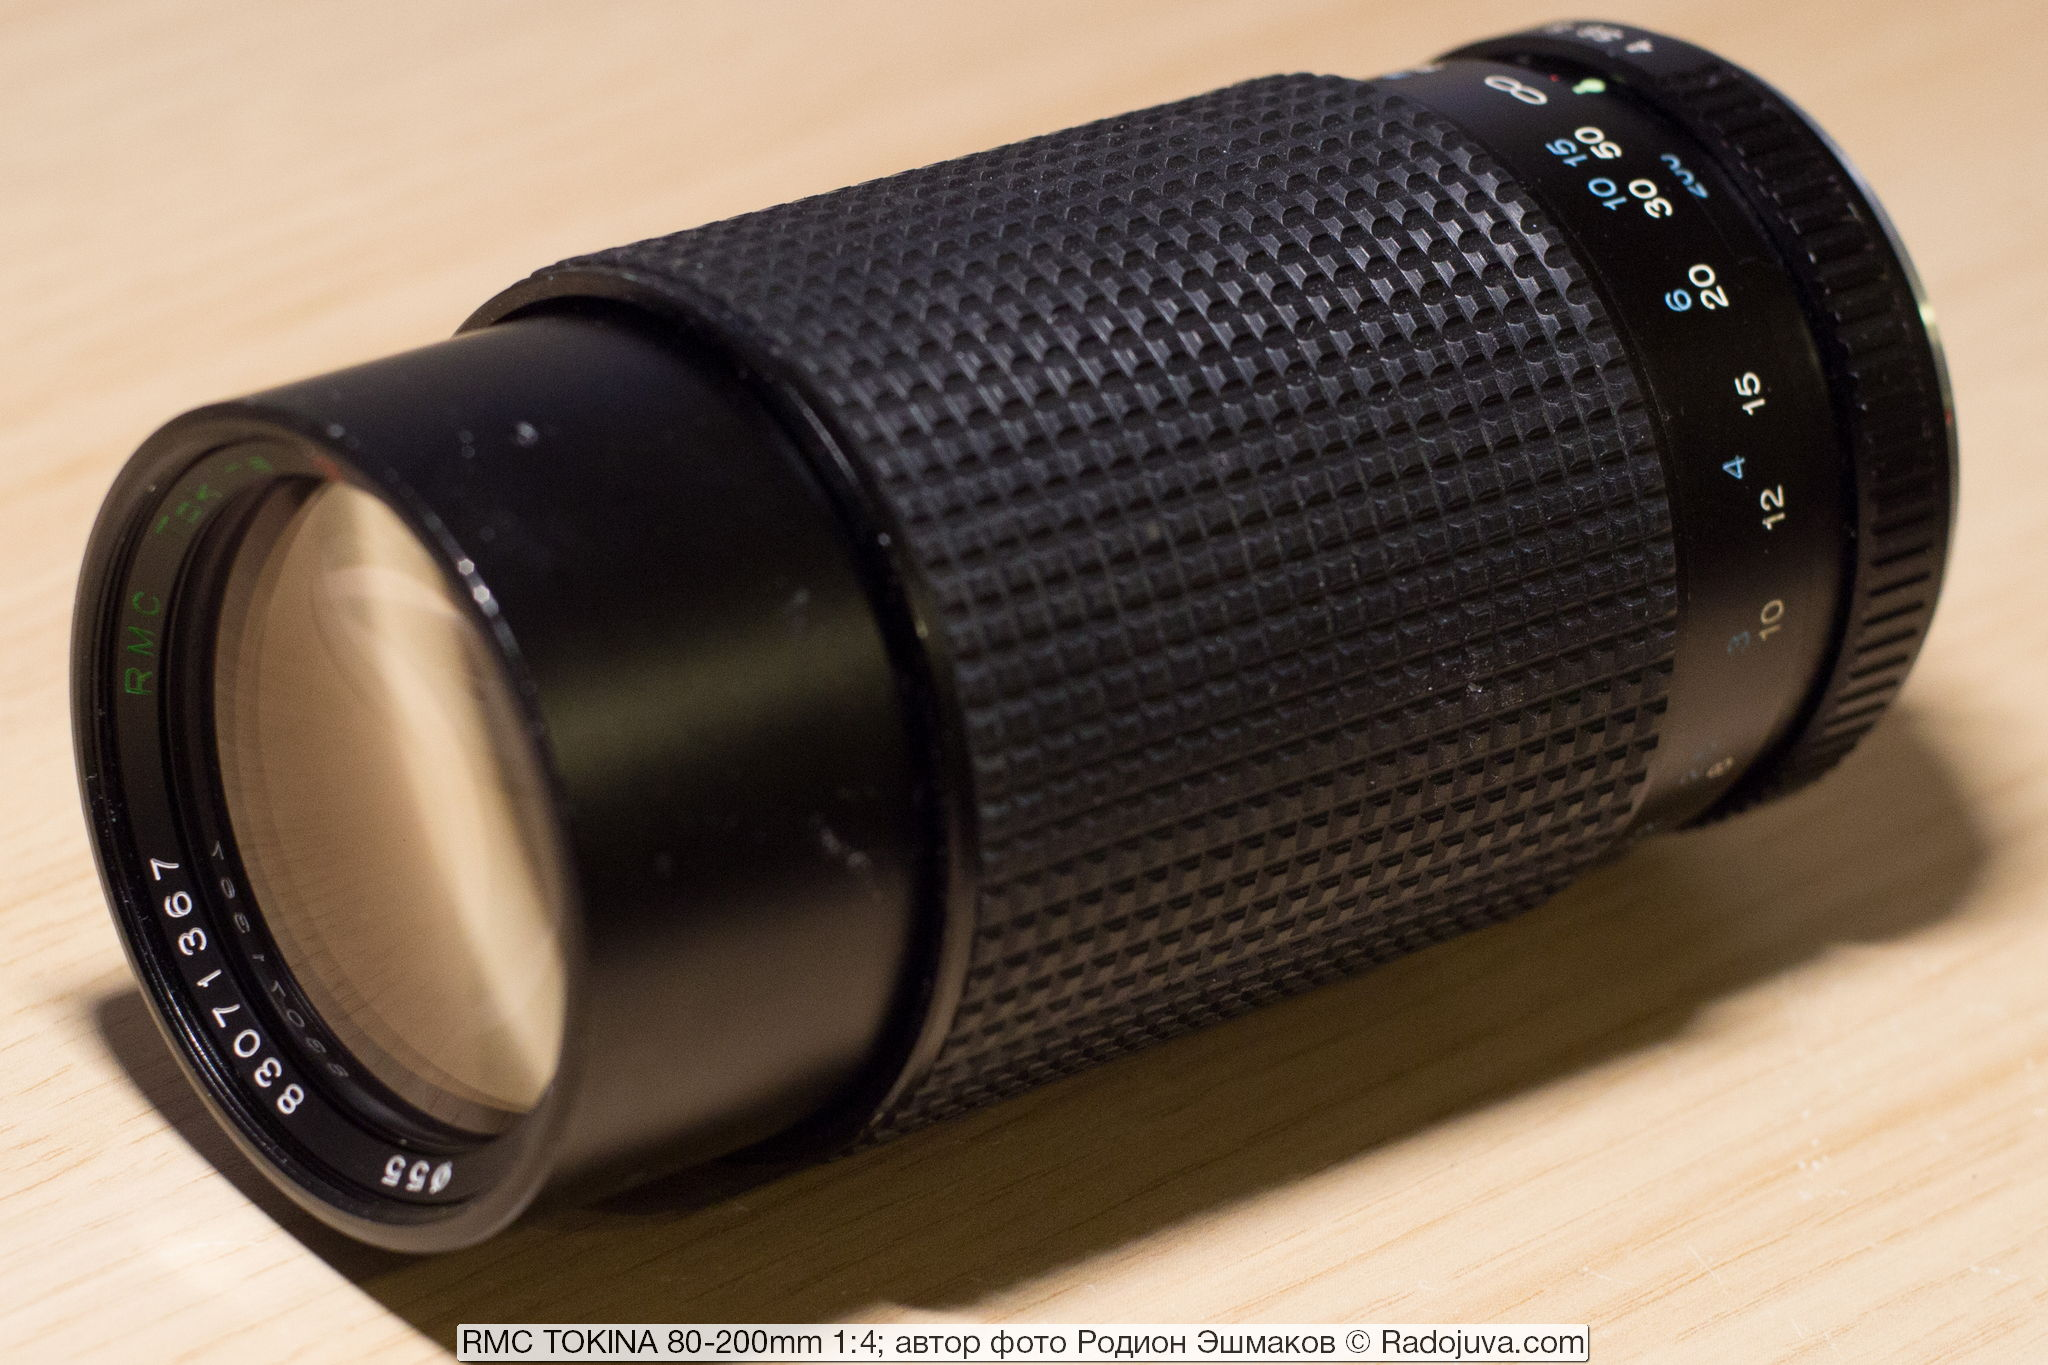 Вид объектива при фокусировке на бесконечность при 200 мм